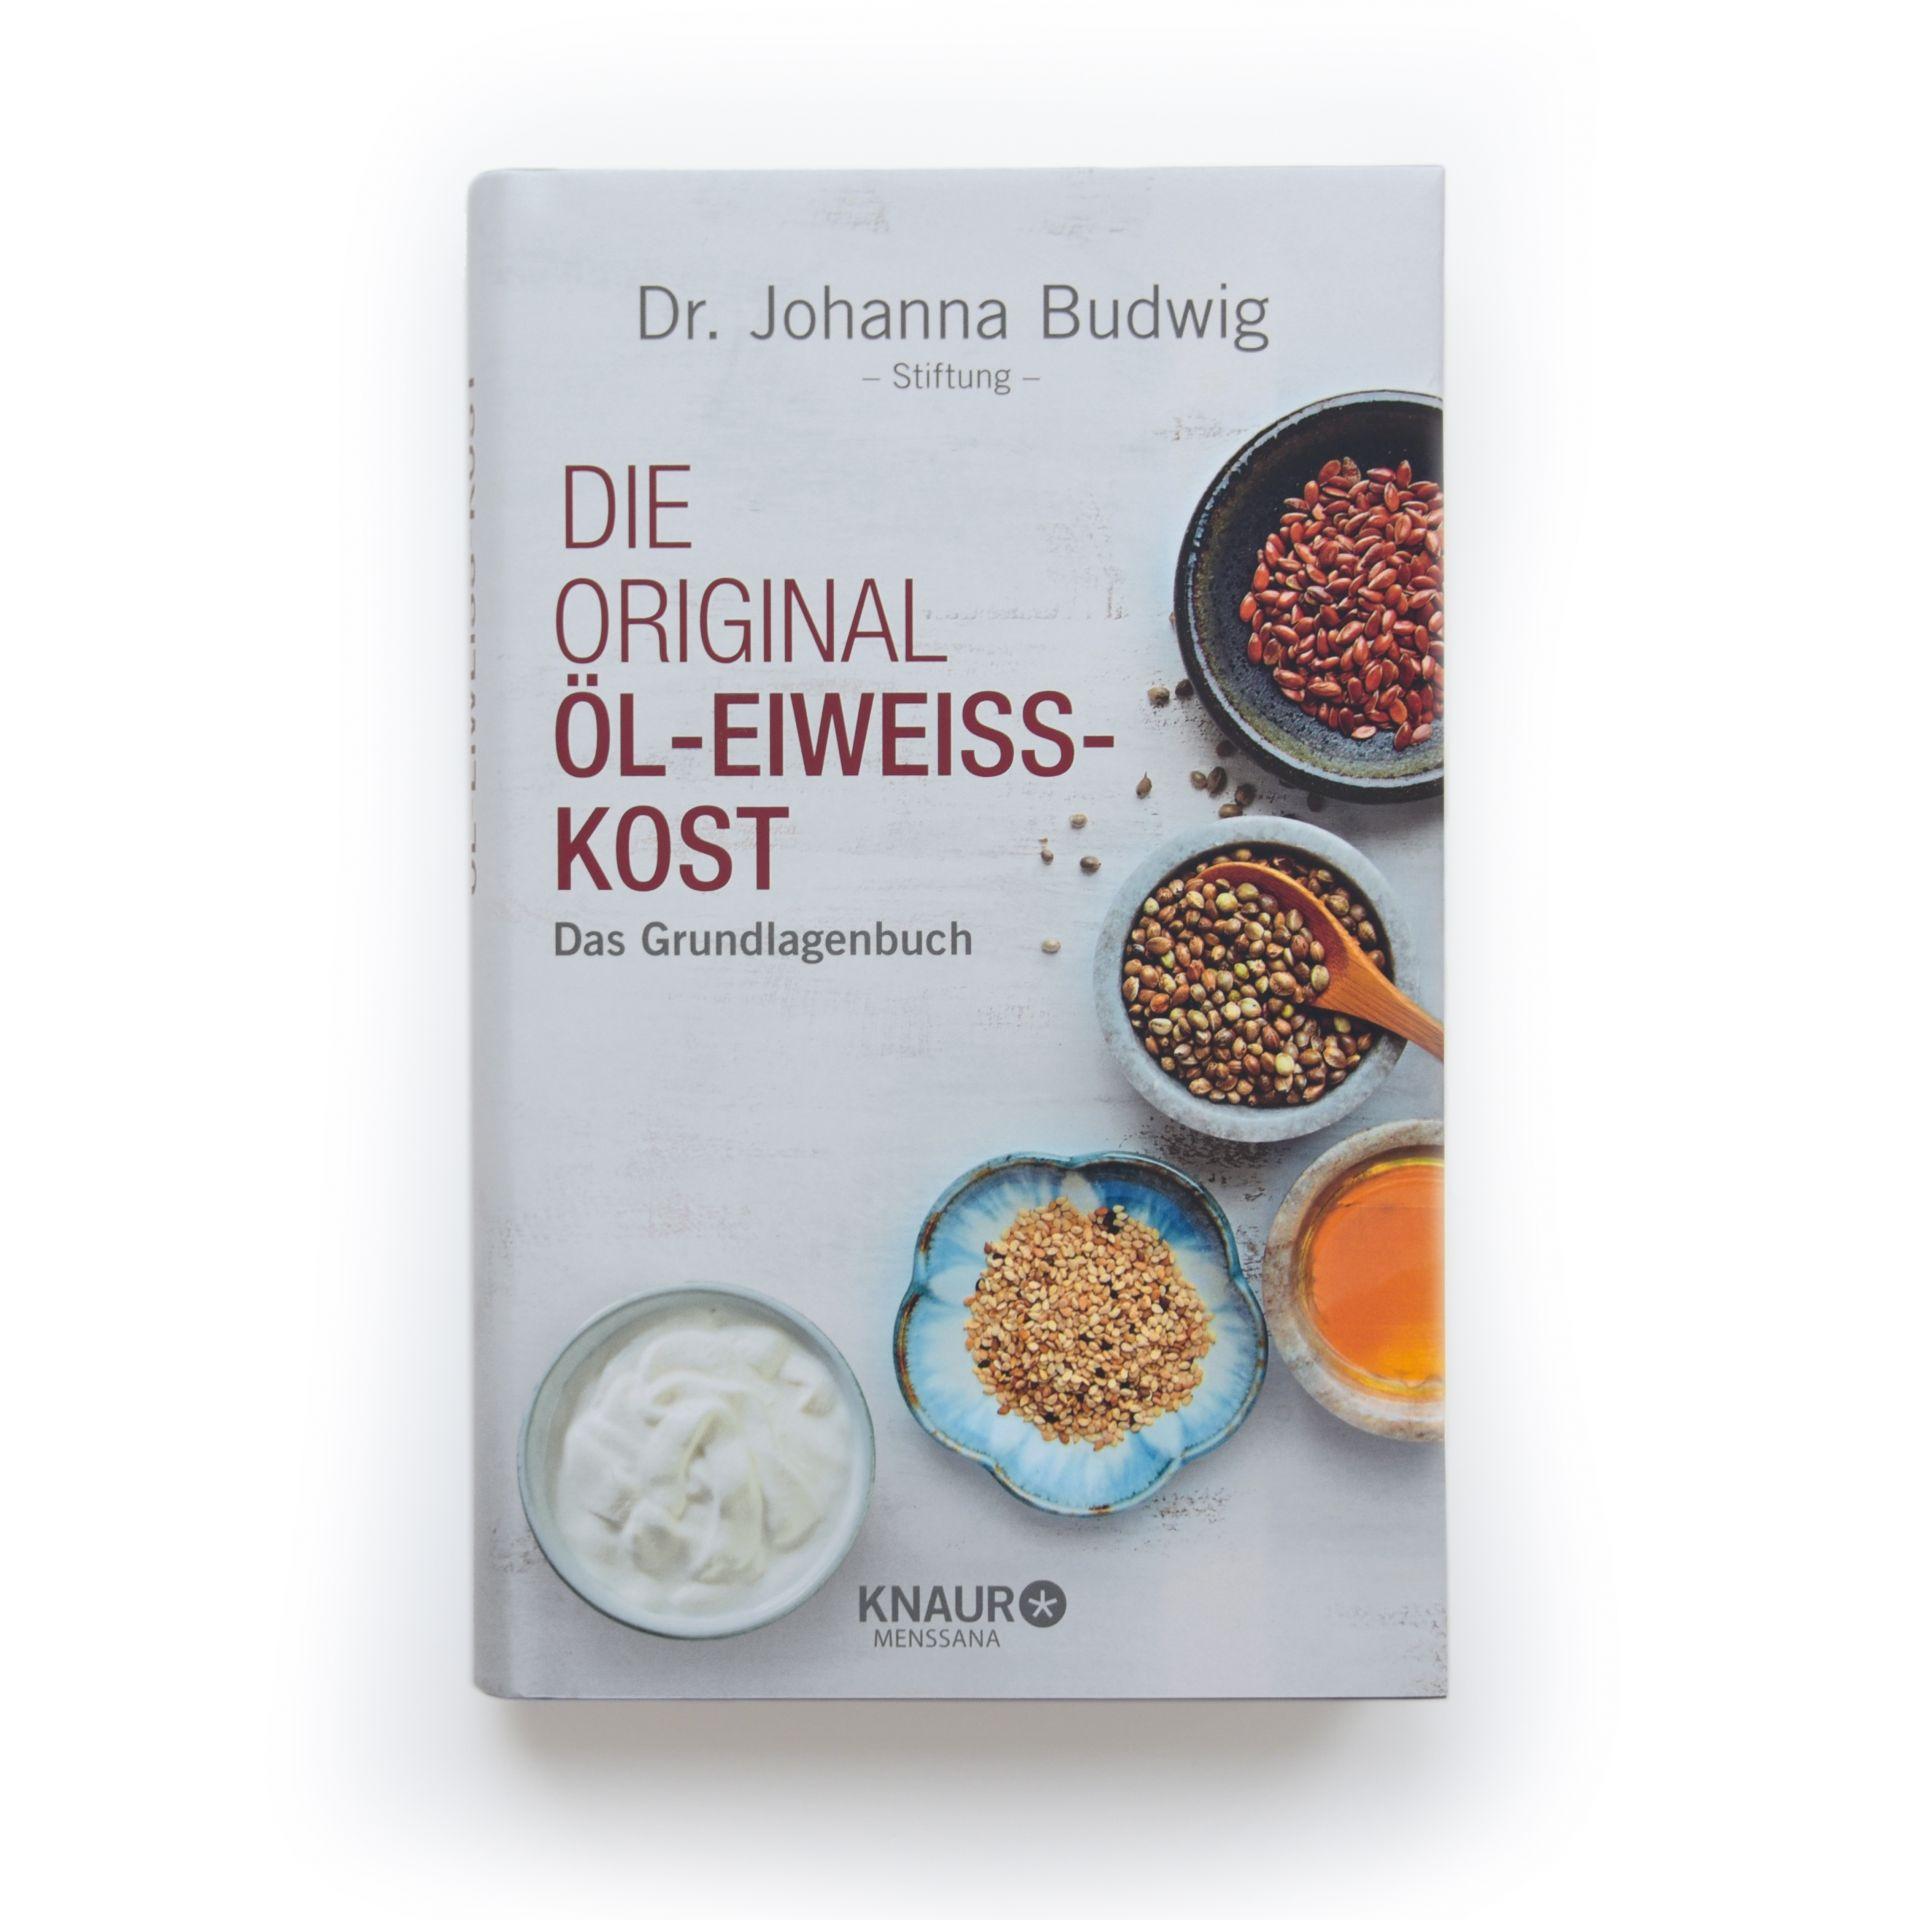 Original Öl-Eiweiß-Kost: Das Grundlagenbuch